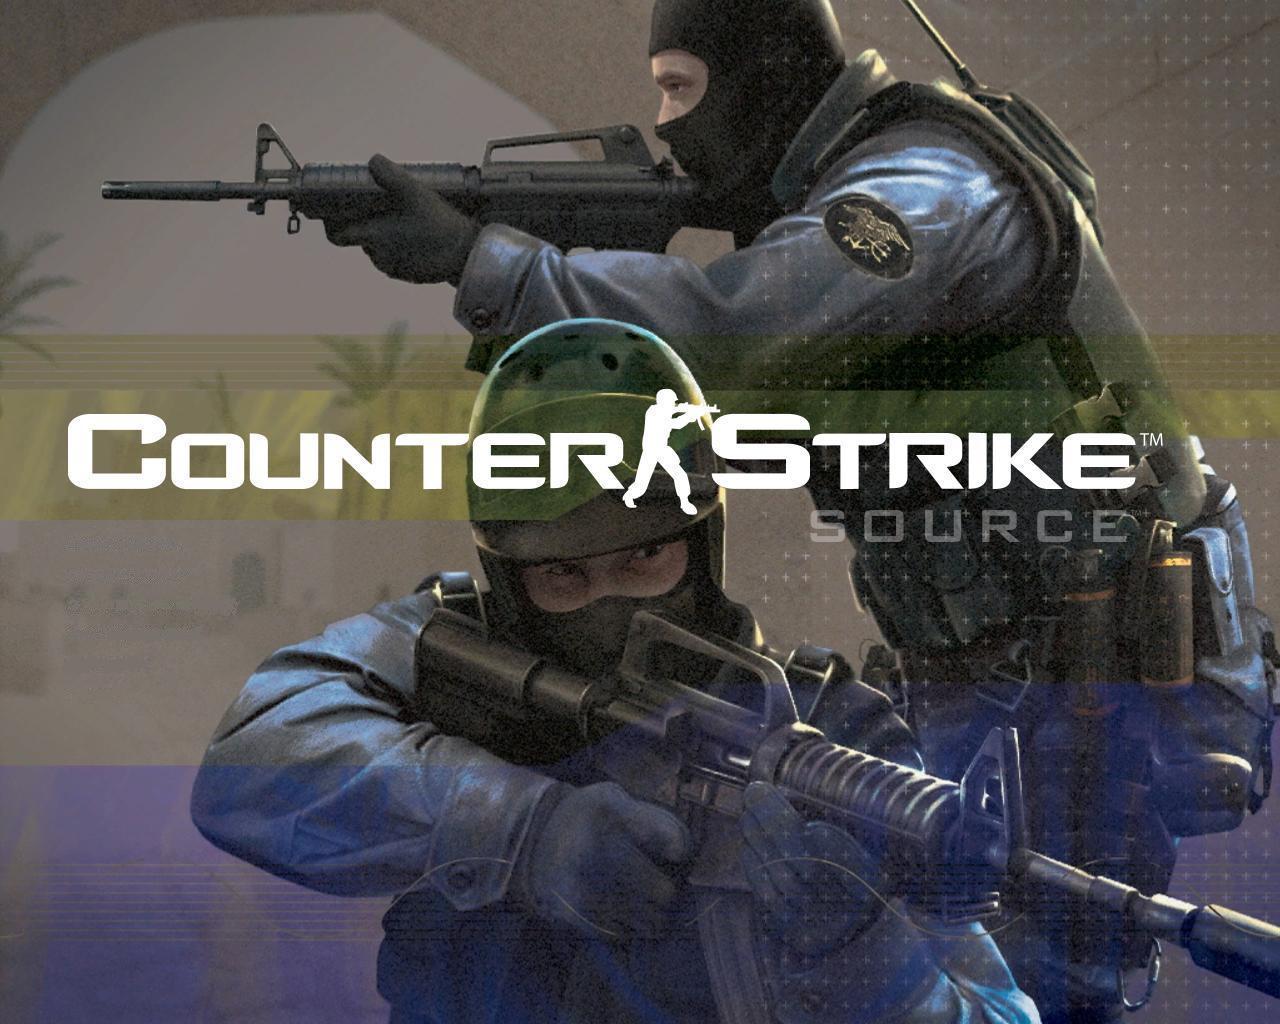 Скачать готовый сервер контр страйк соурс v34